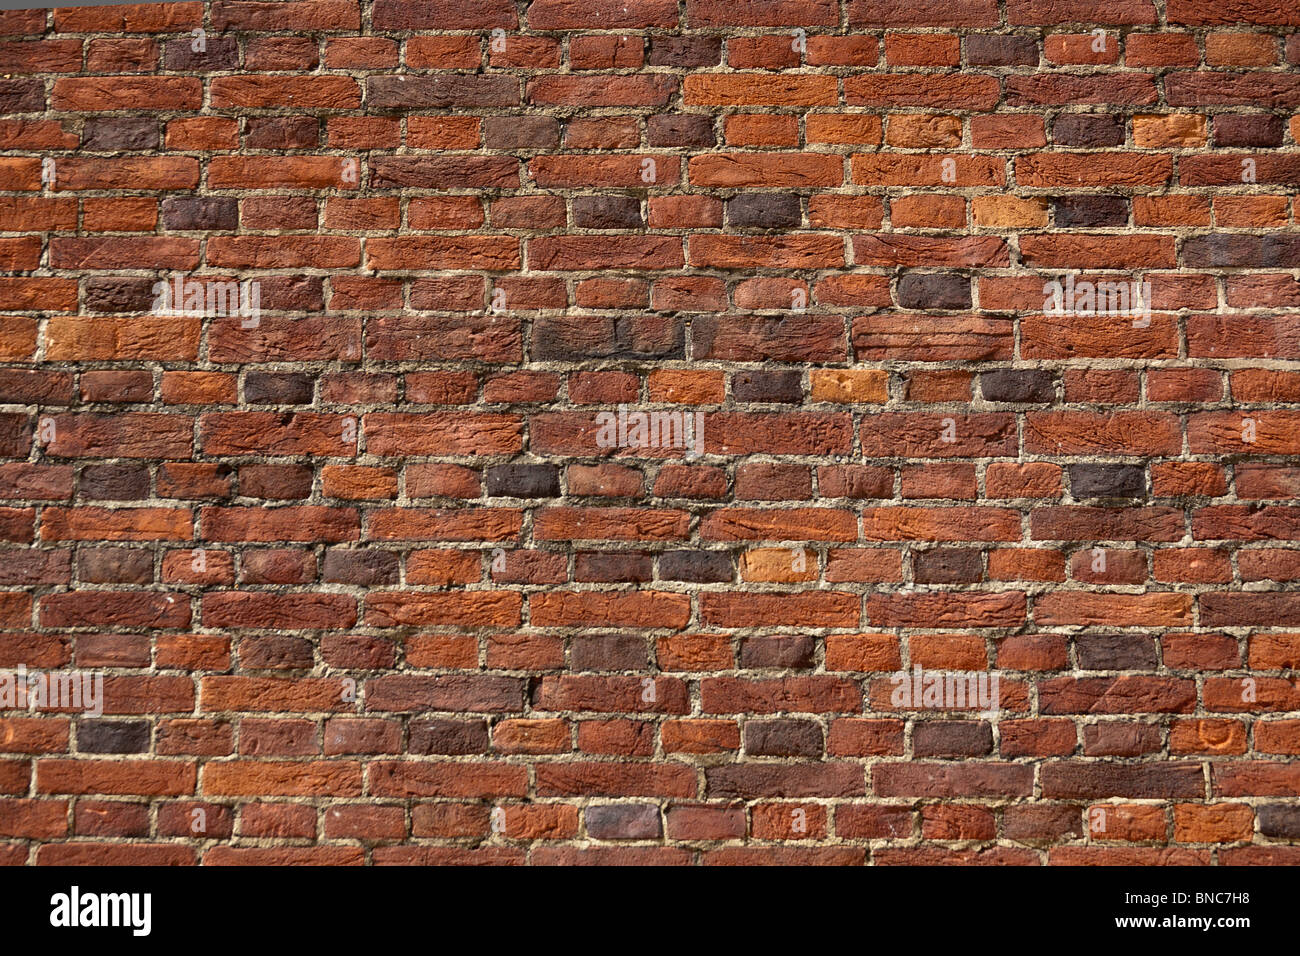 Pared de ladrillo rojo. Una sección de un muro de ladrillo rojo o naranja. Buena para los fondos. Imagen De Stock